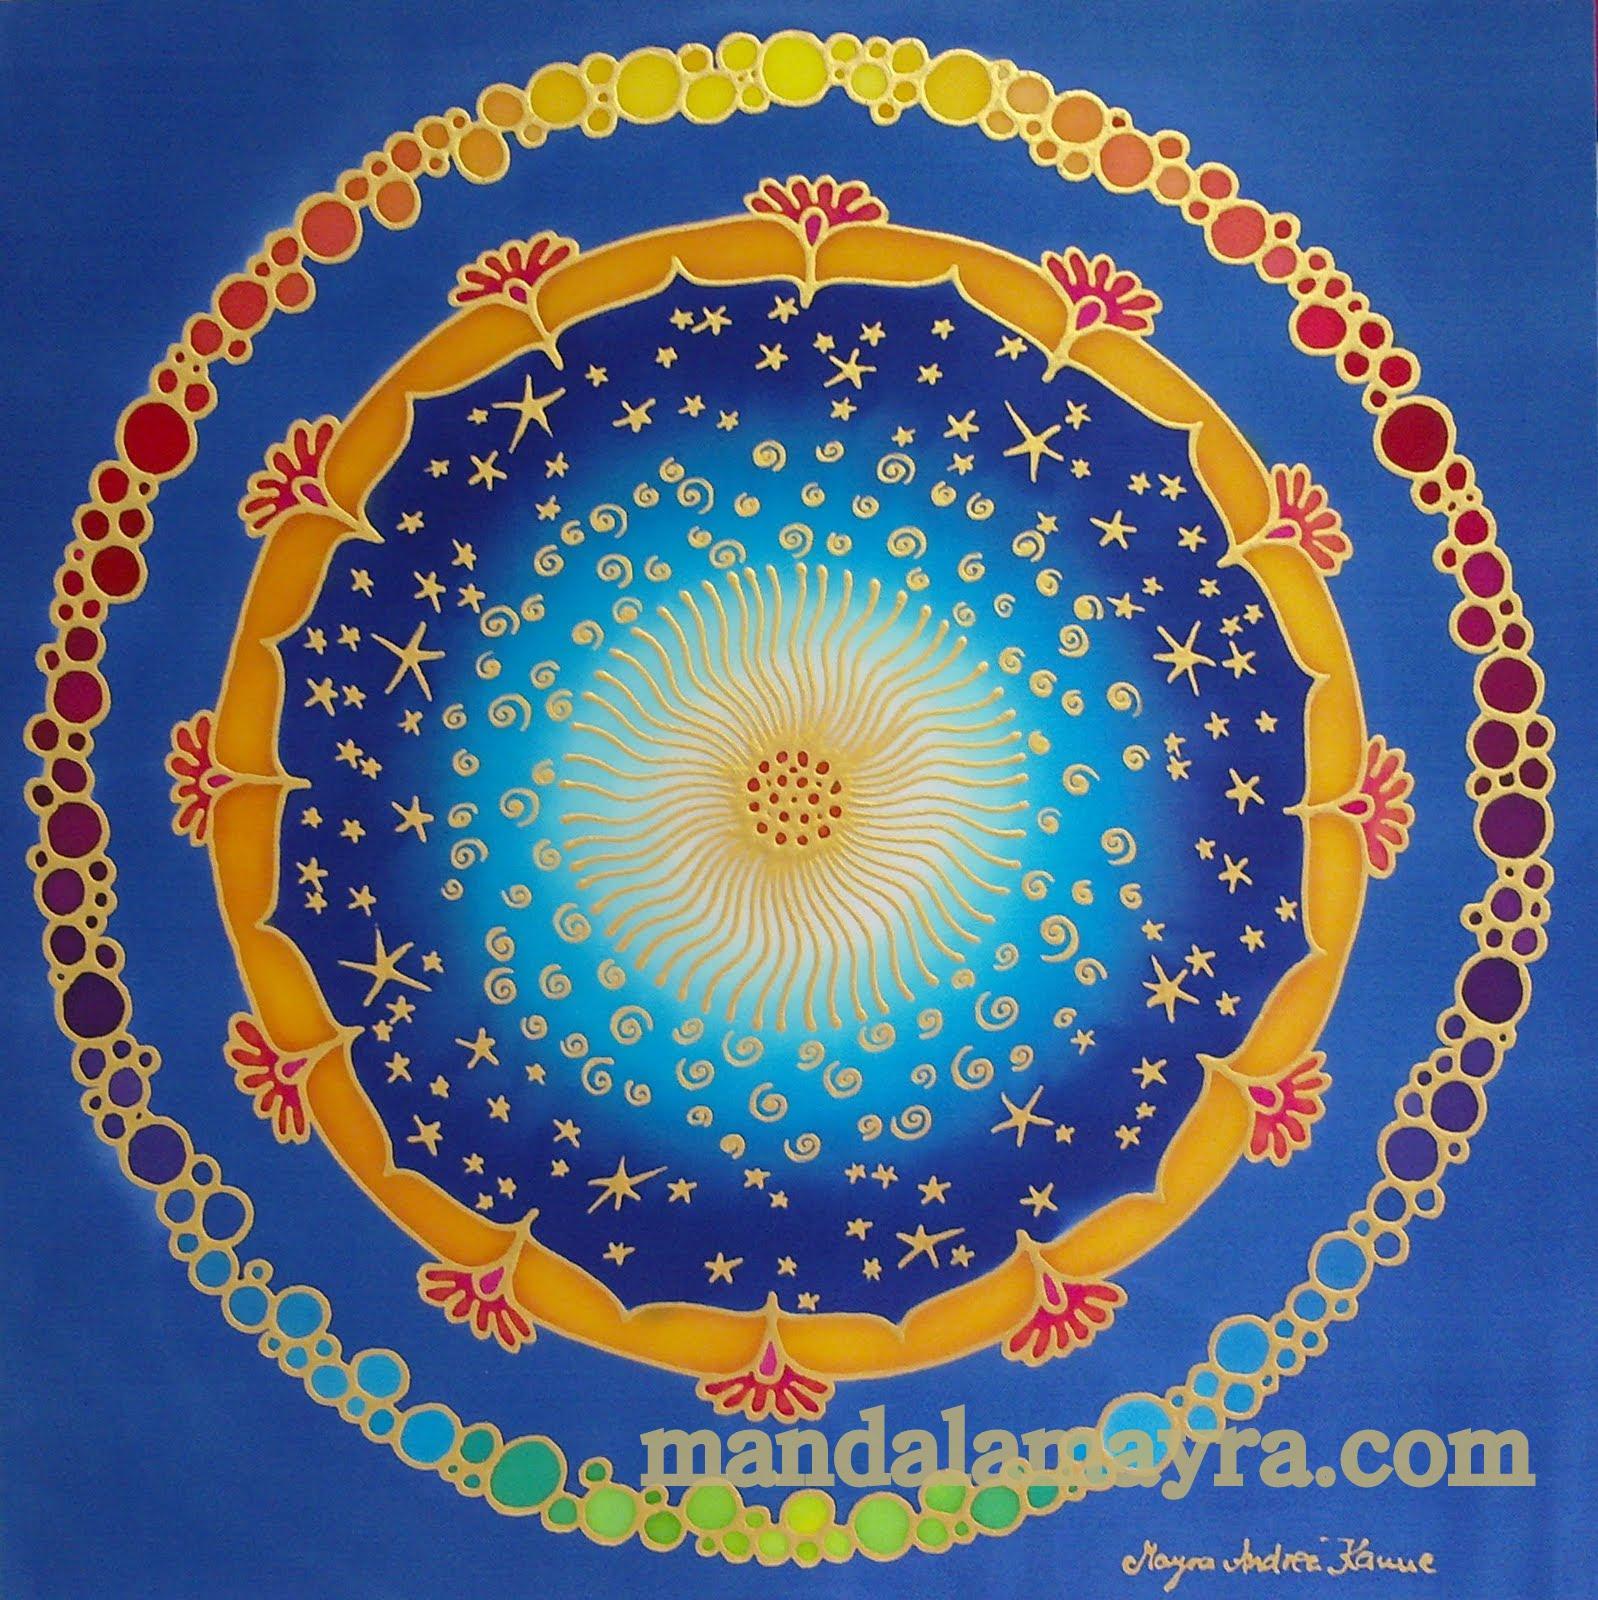 mandala mayra Significado de los colores